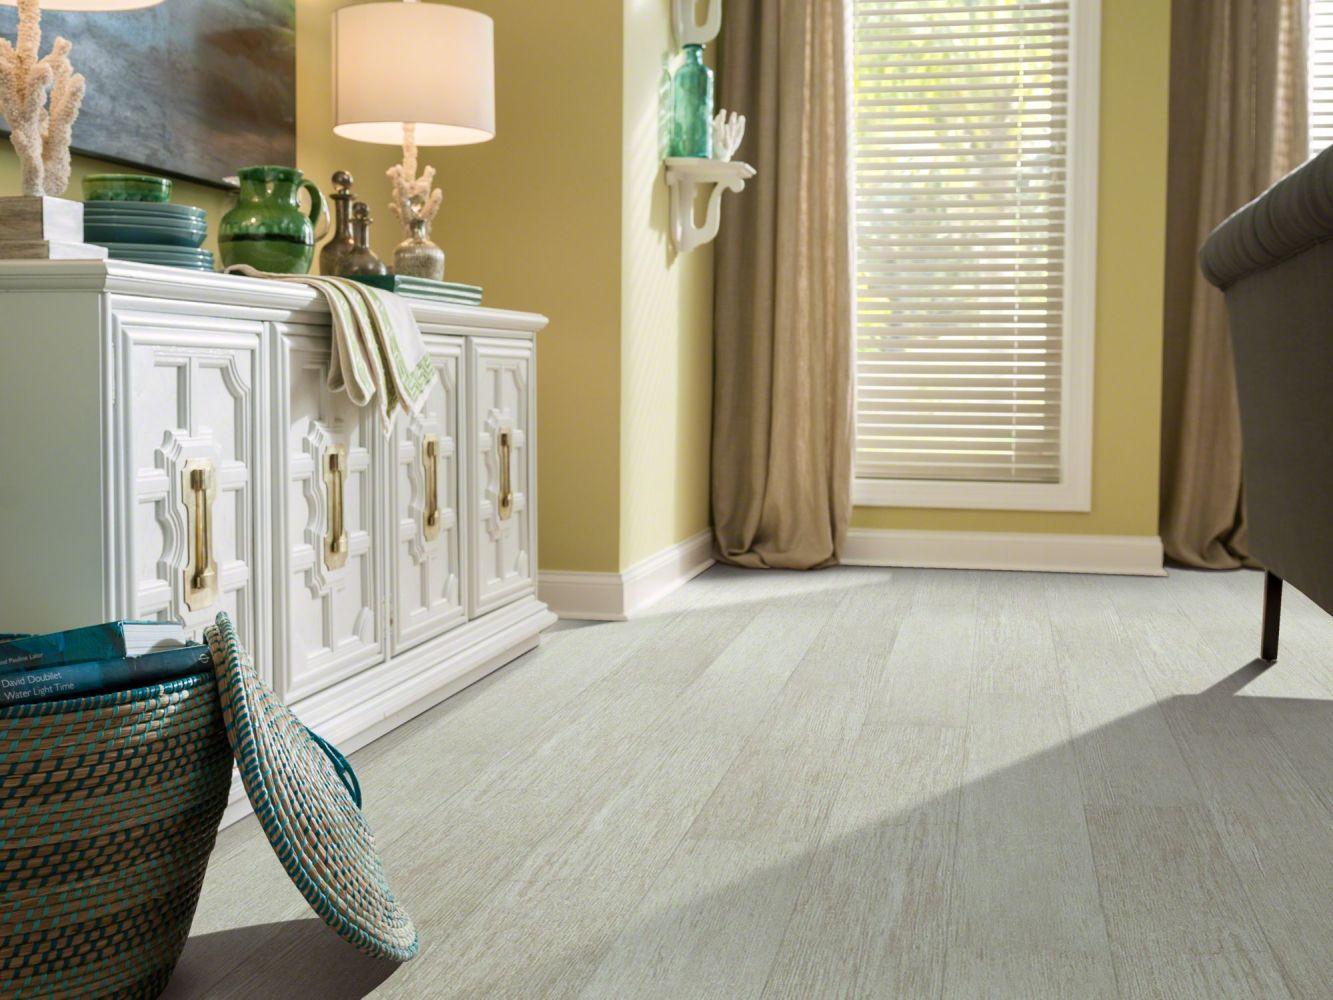 Shaw Floors Resilient Residential Uptown 8mil Sweet Auburn 00116_0555V